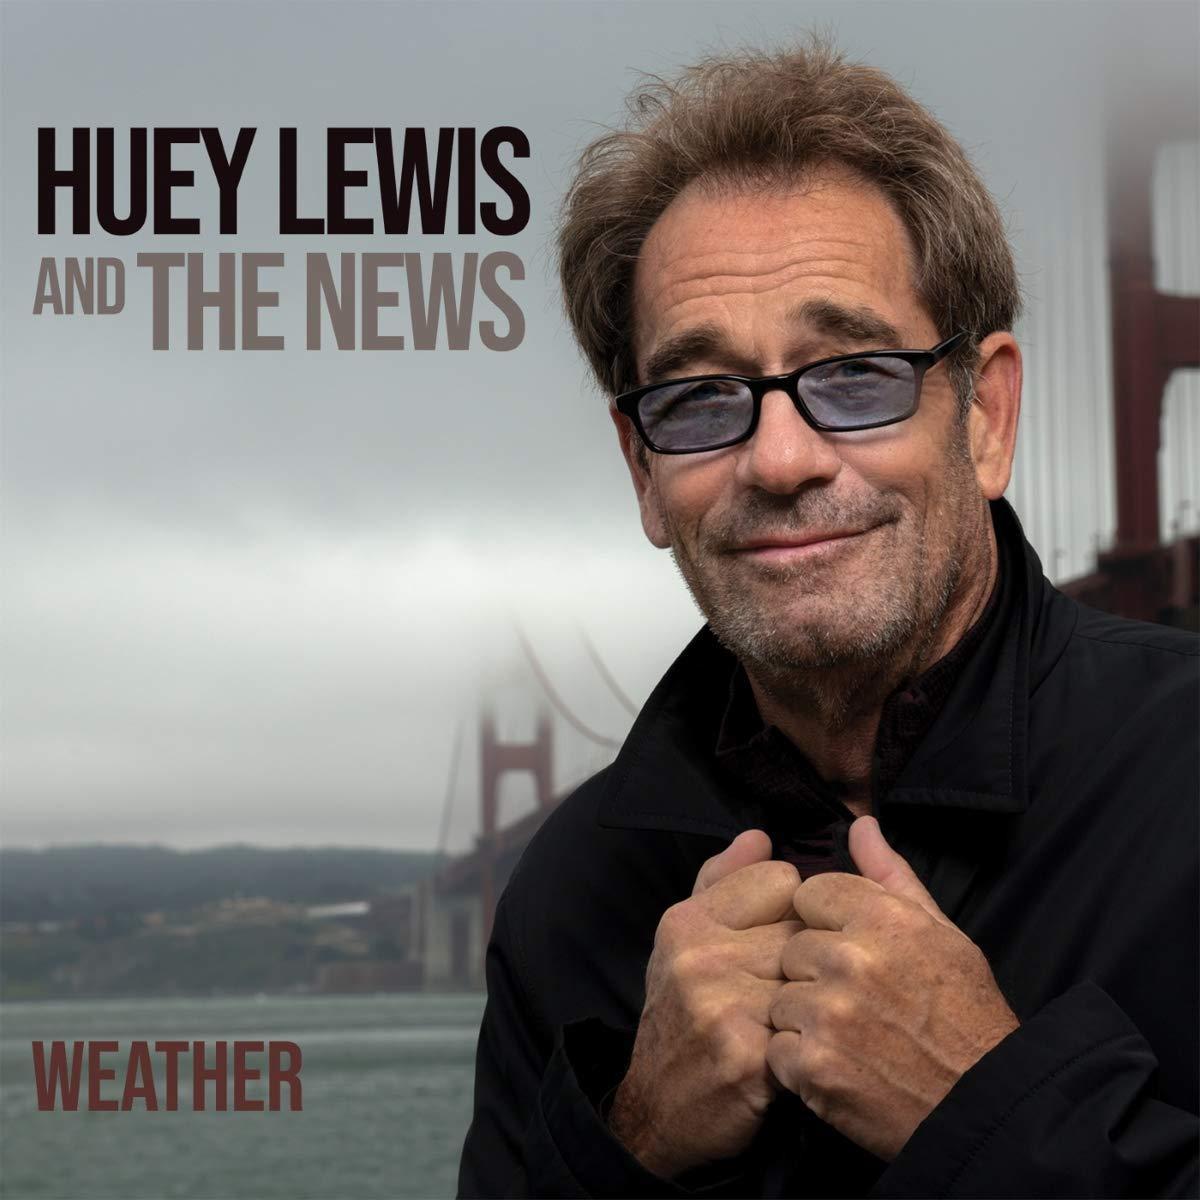 huey lewis weather